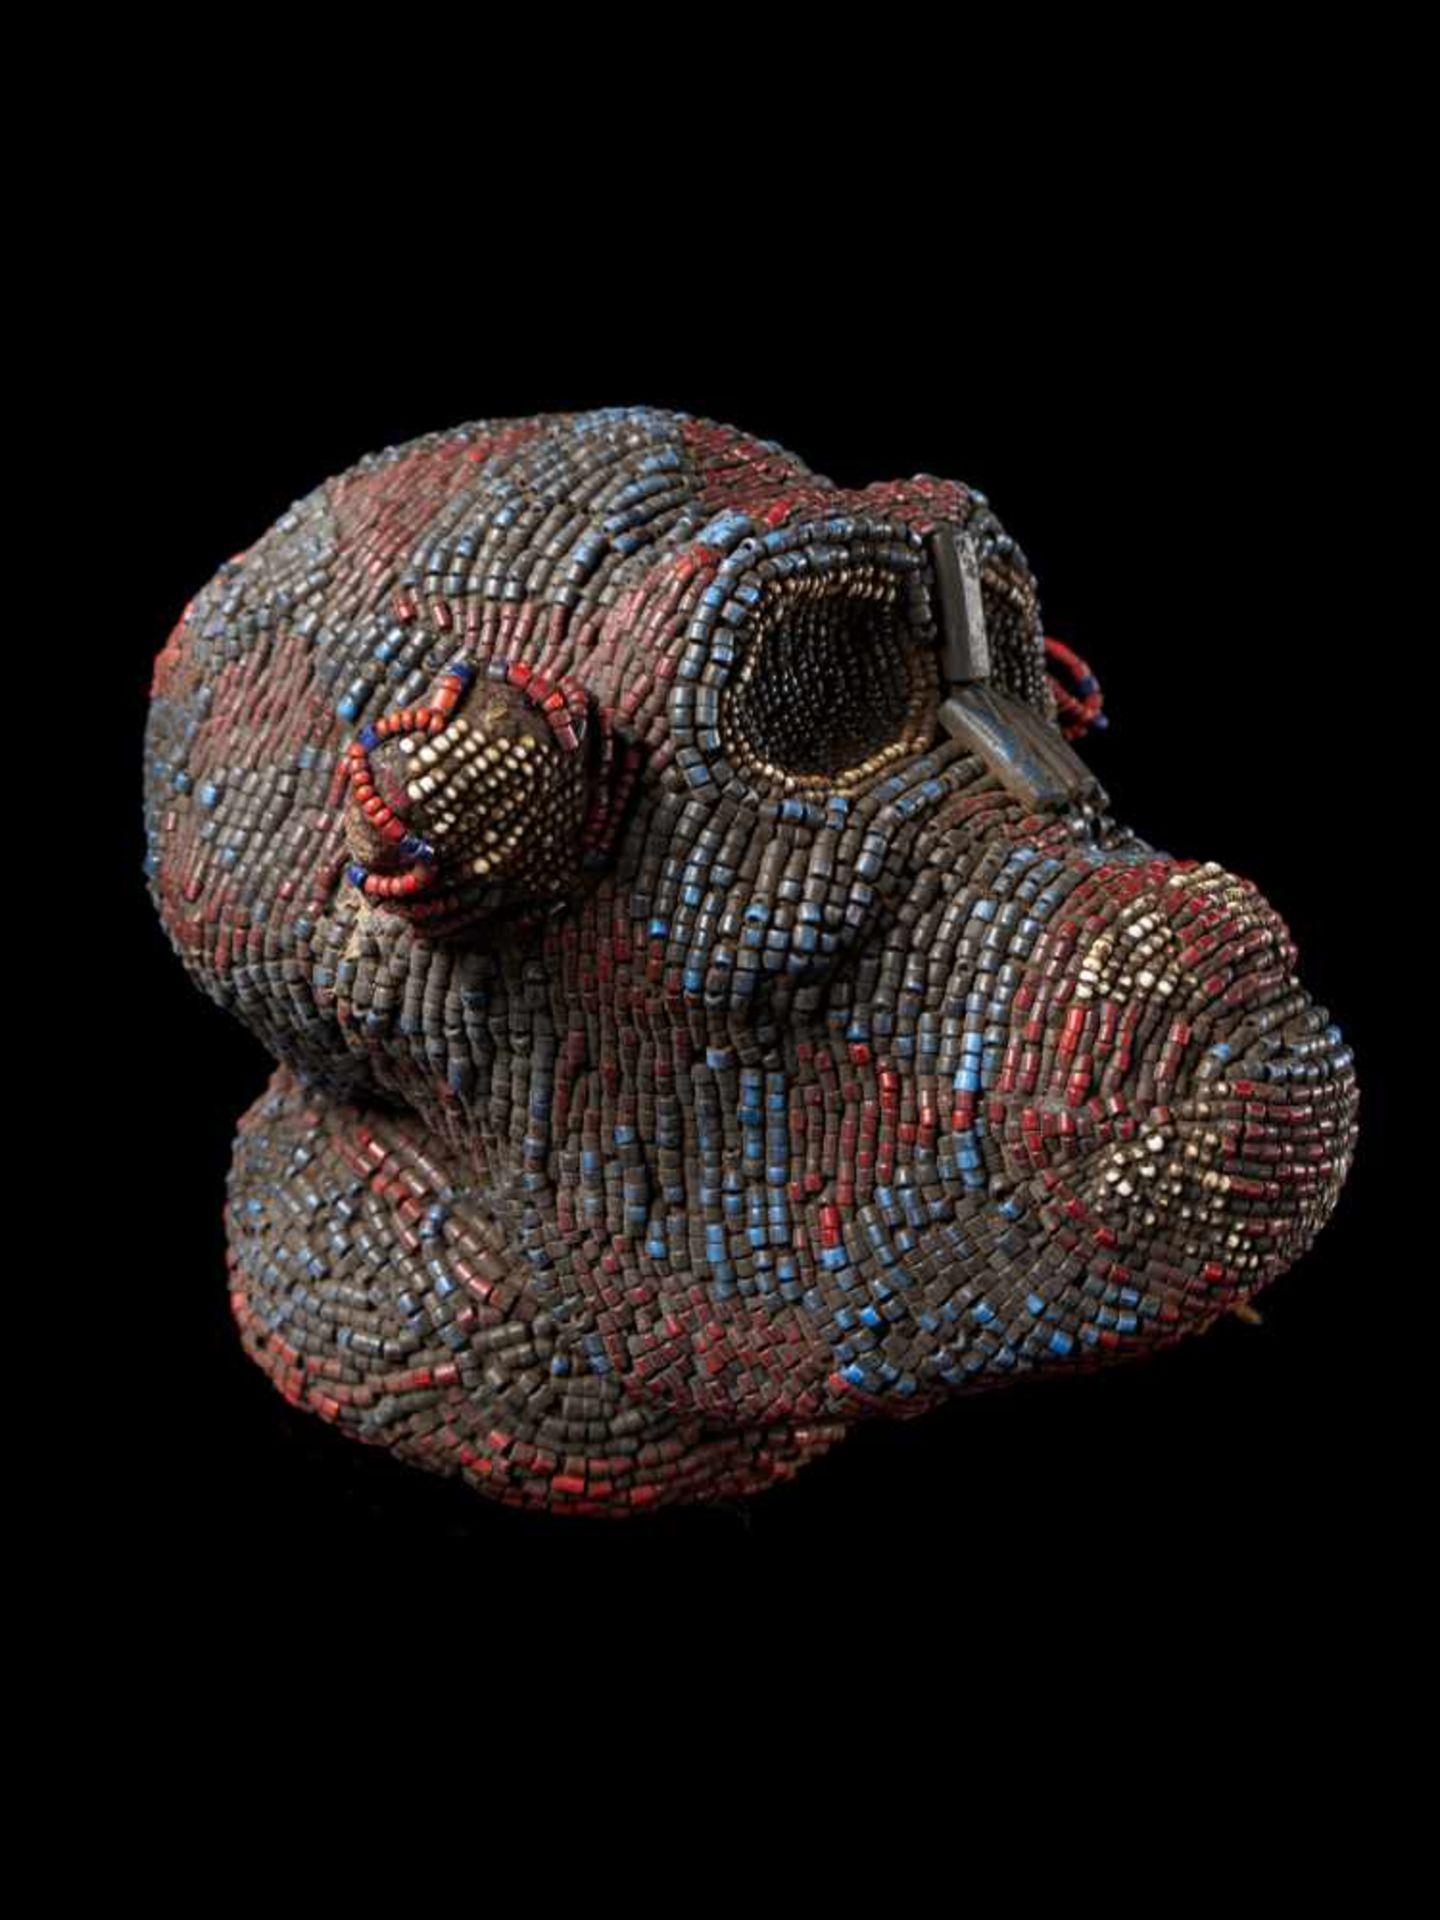 Beaded Monkey Head - Tribal ArtThis beaded monkey head has a striking realistic shape. It is - Bild 2 aus 4